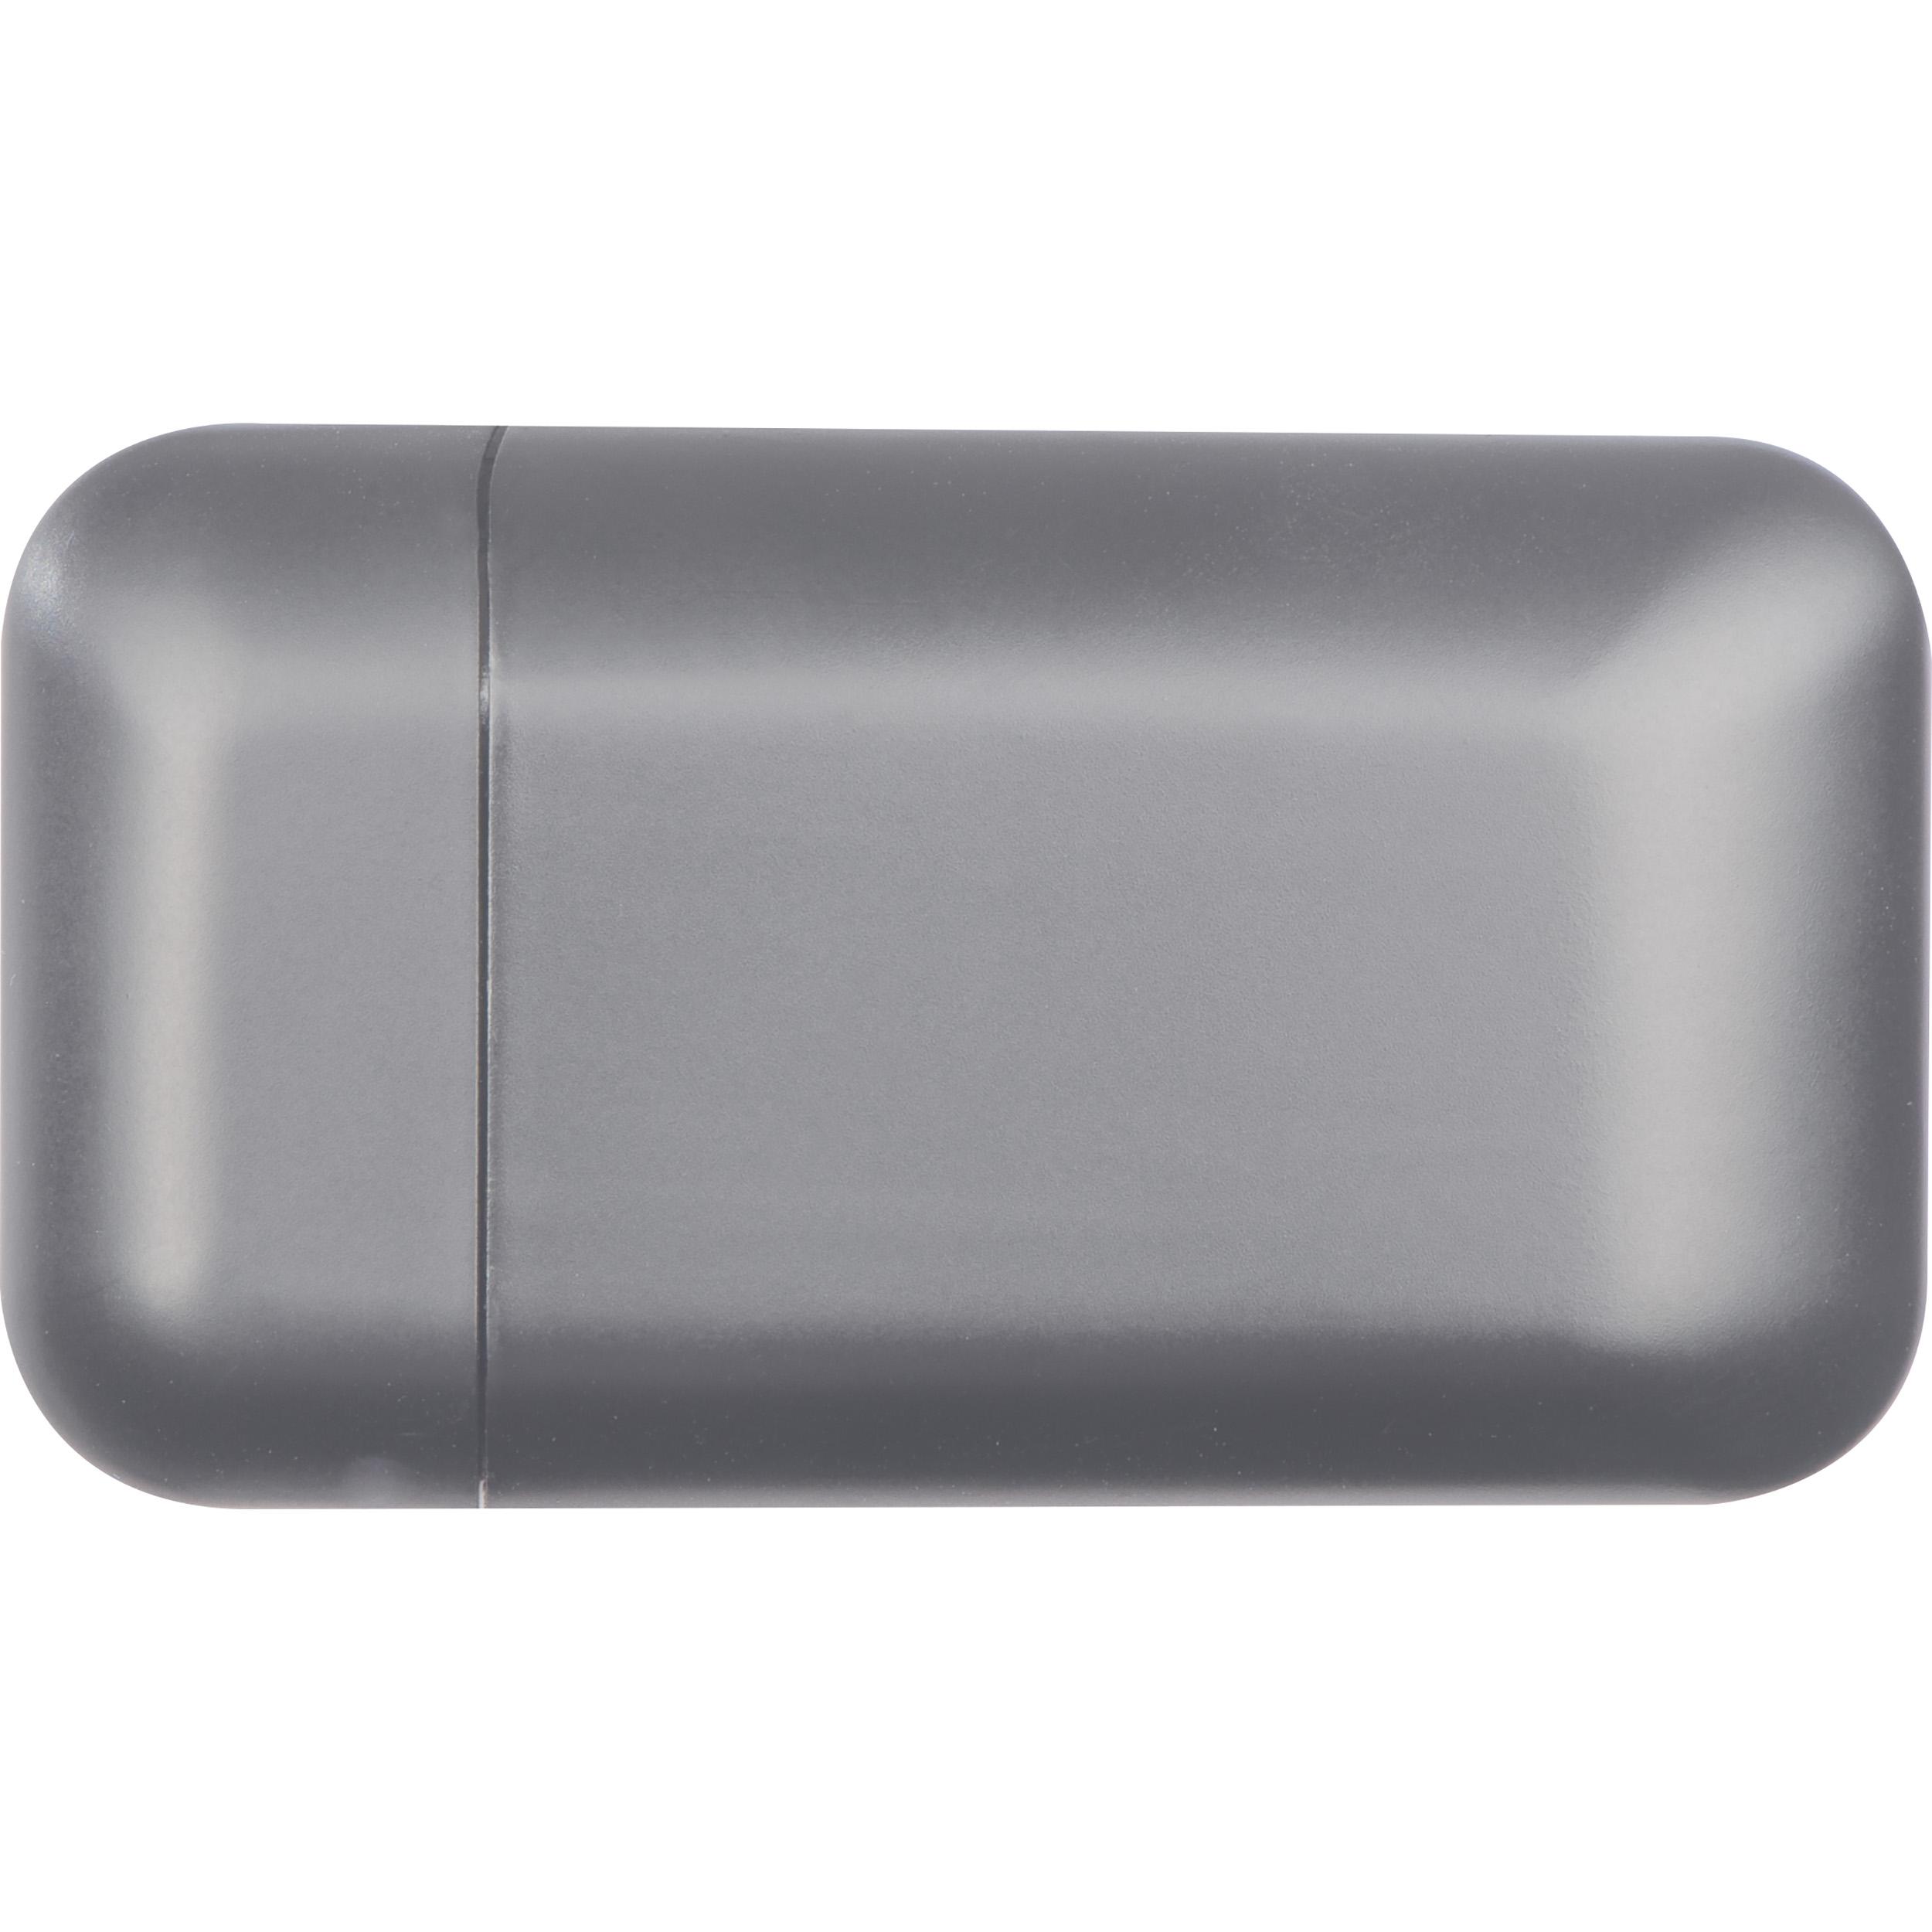 Matt USB lighter